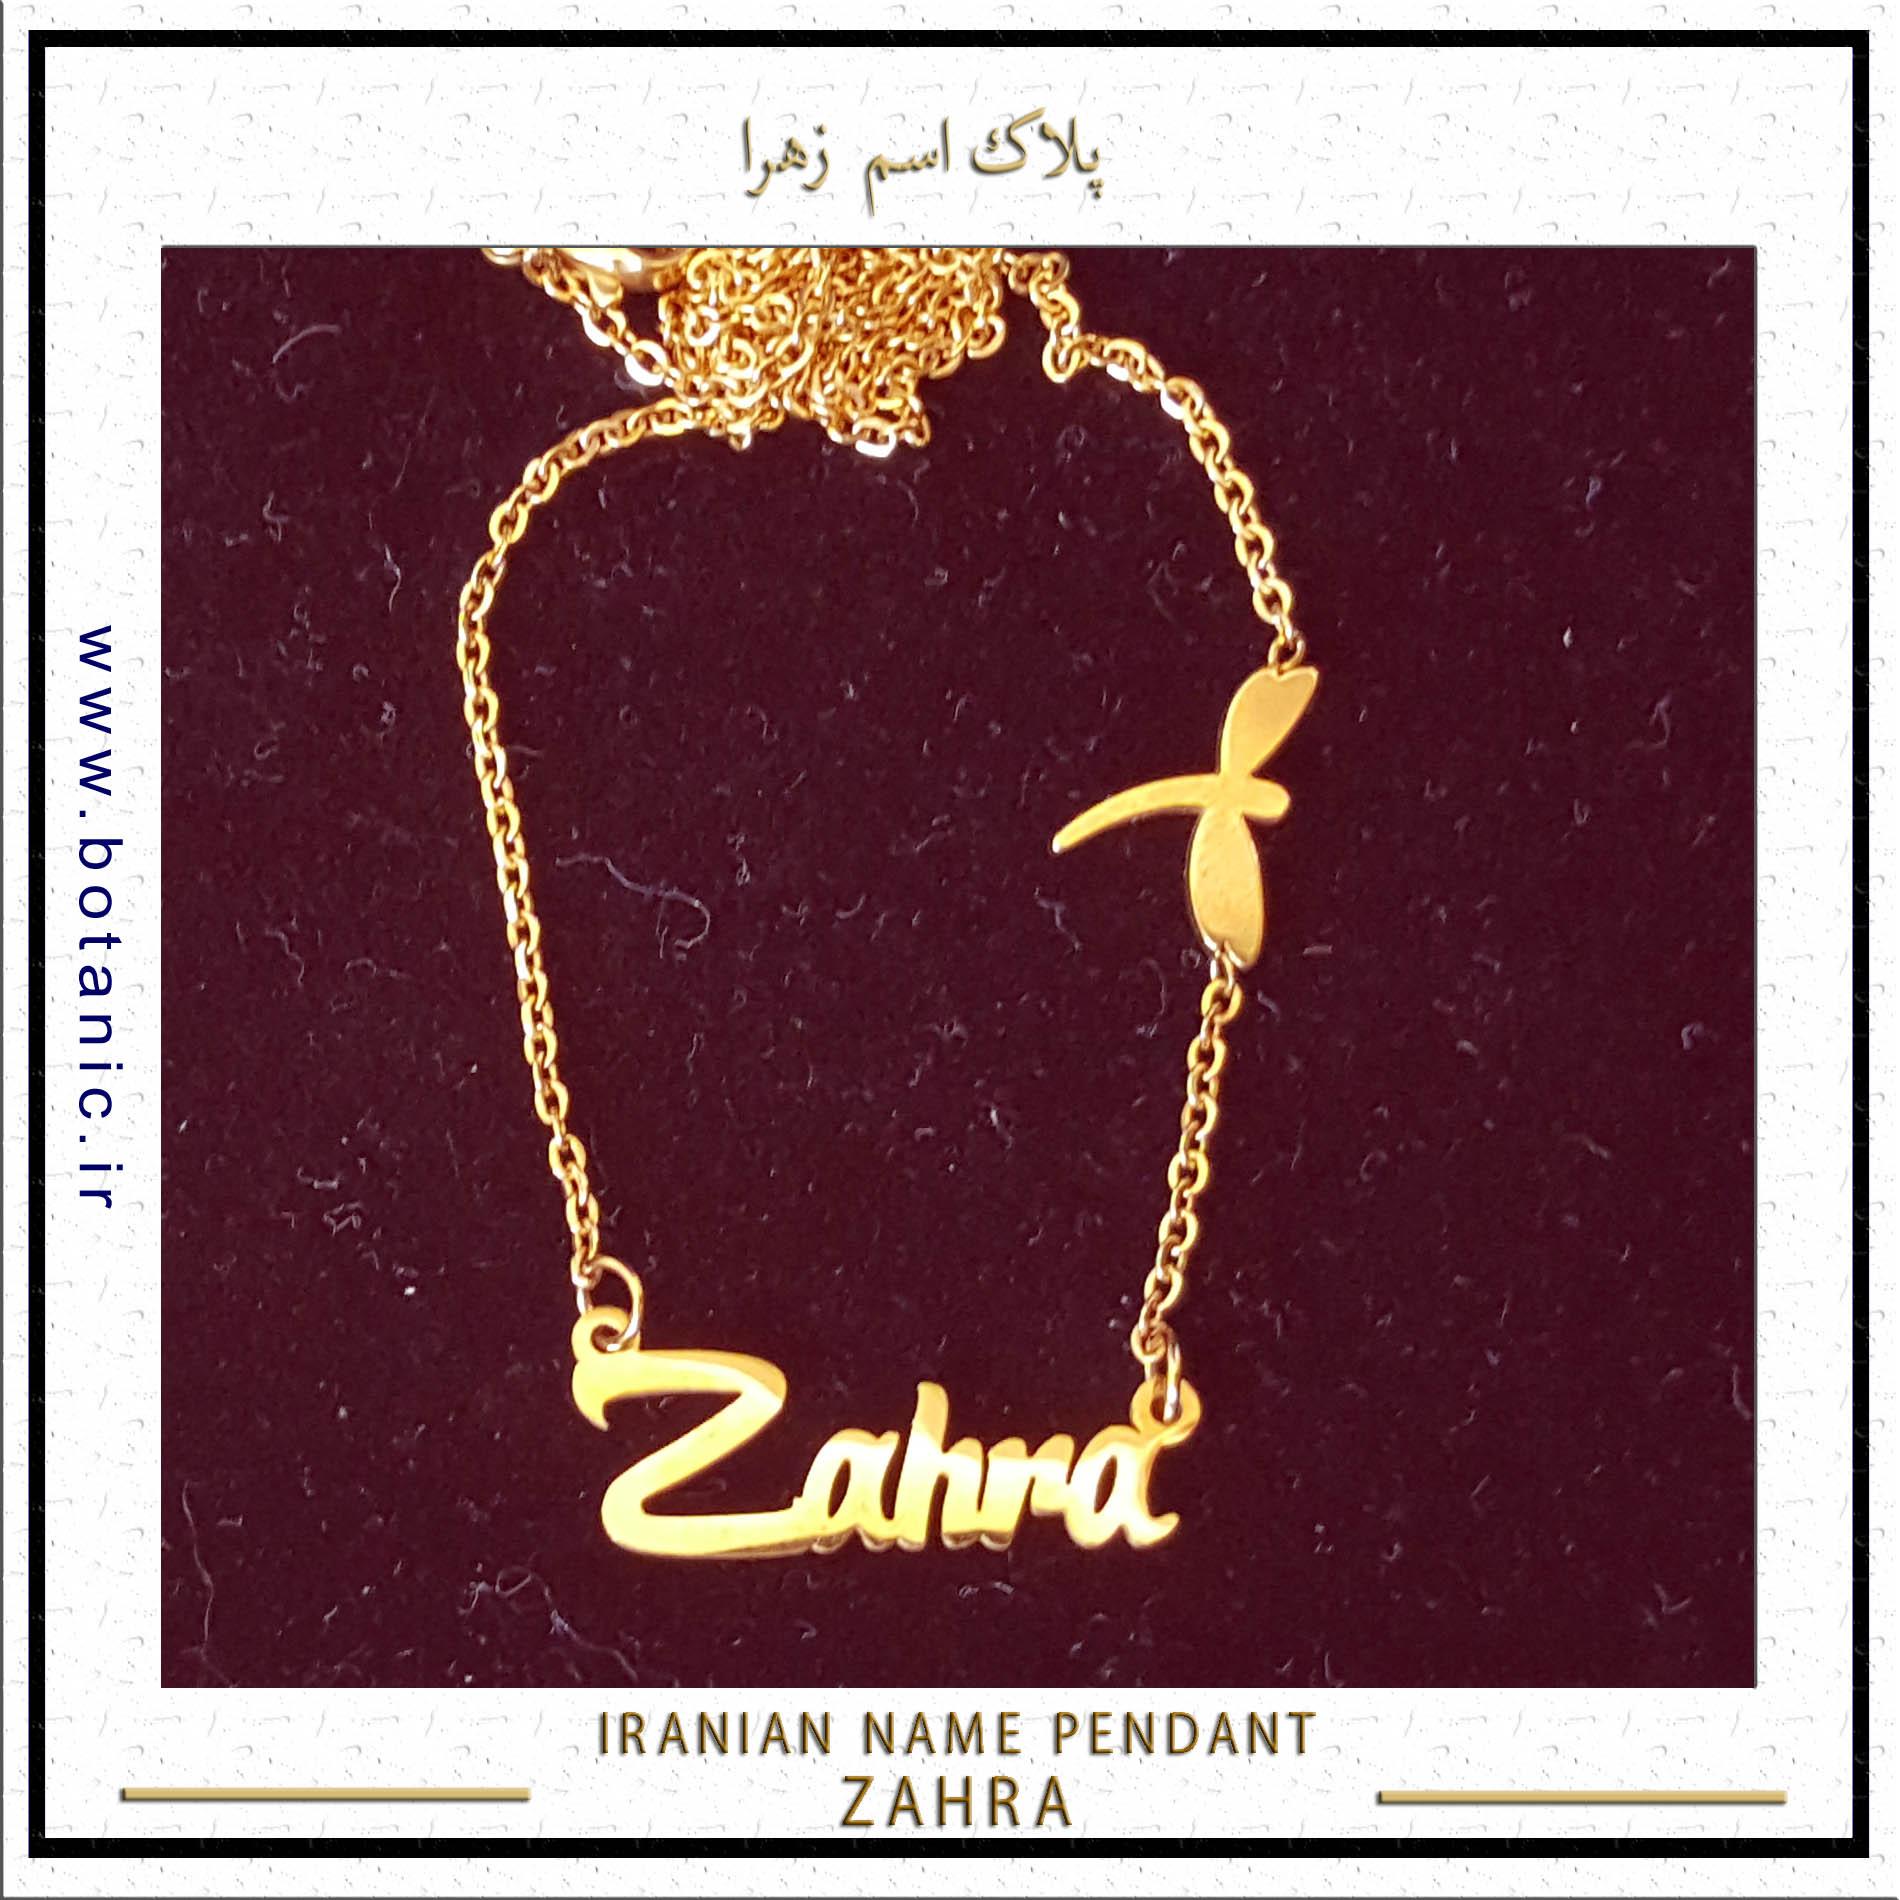 2 زهرا : ریشه اسم: عربی معنی: (تلفظ: zahrā) (عربی) (در قدیم) روشن و درخشان ، (در اعلام) لقب حضرت فاطمه (س) دختر رسول اکرم (ص) فاطمه - روشن ، درخشان ، نام دختر پیامبر (ص)